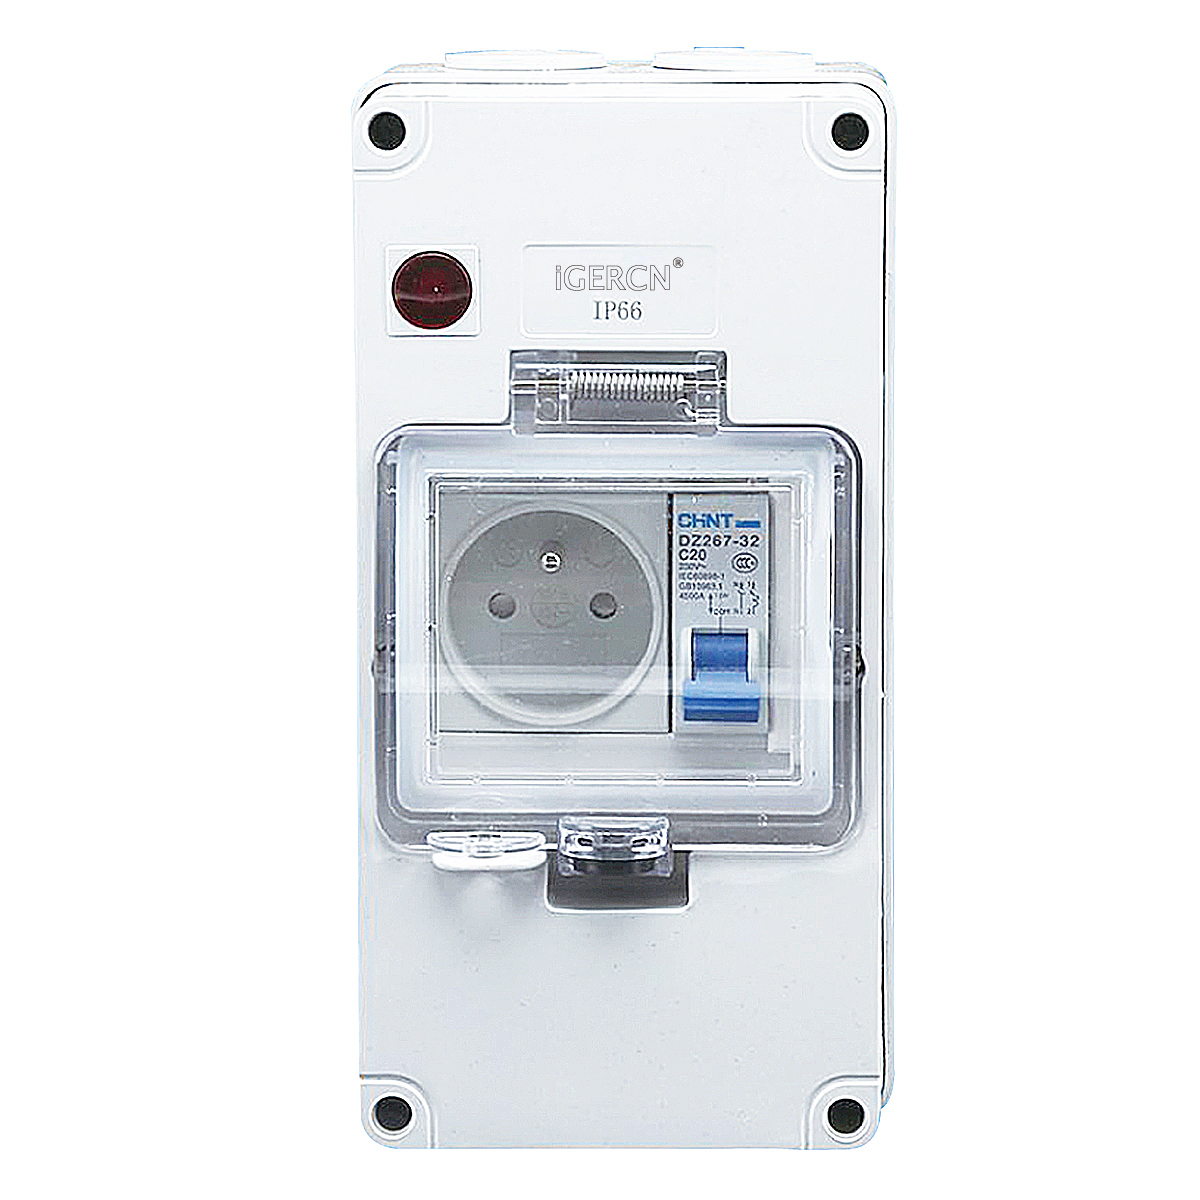 IGLCB4N-1G1FR(1Gang Switch Socket 16A-250V~)